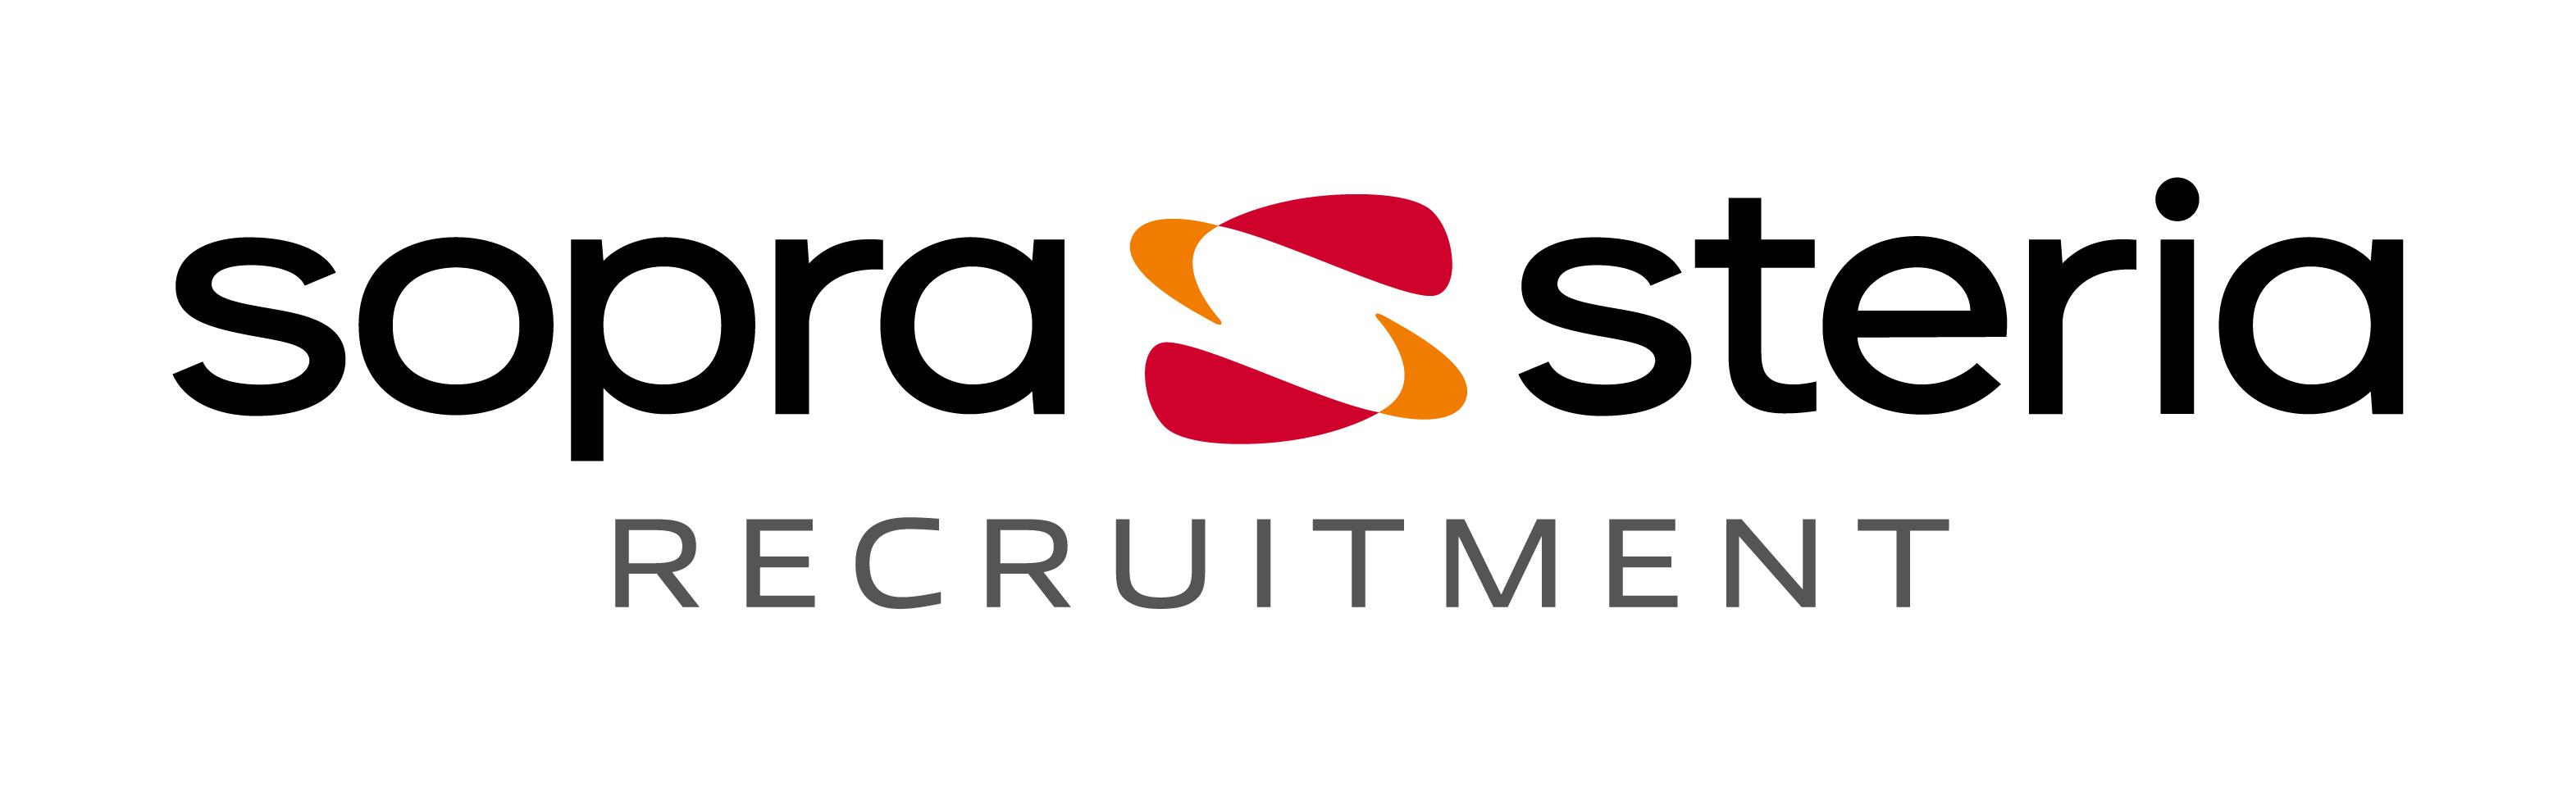 Sopra Steria Recruitment - opens in new window